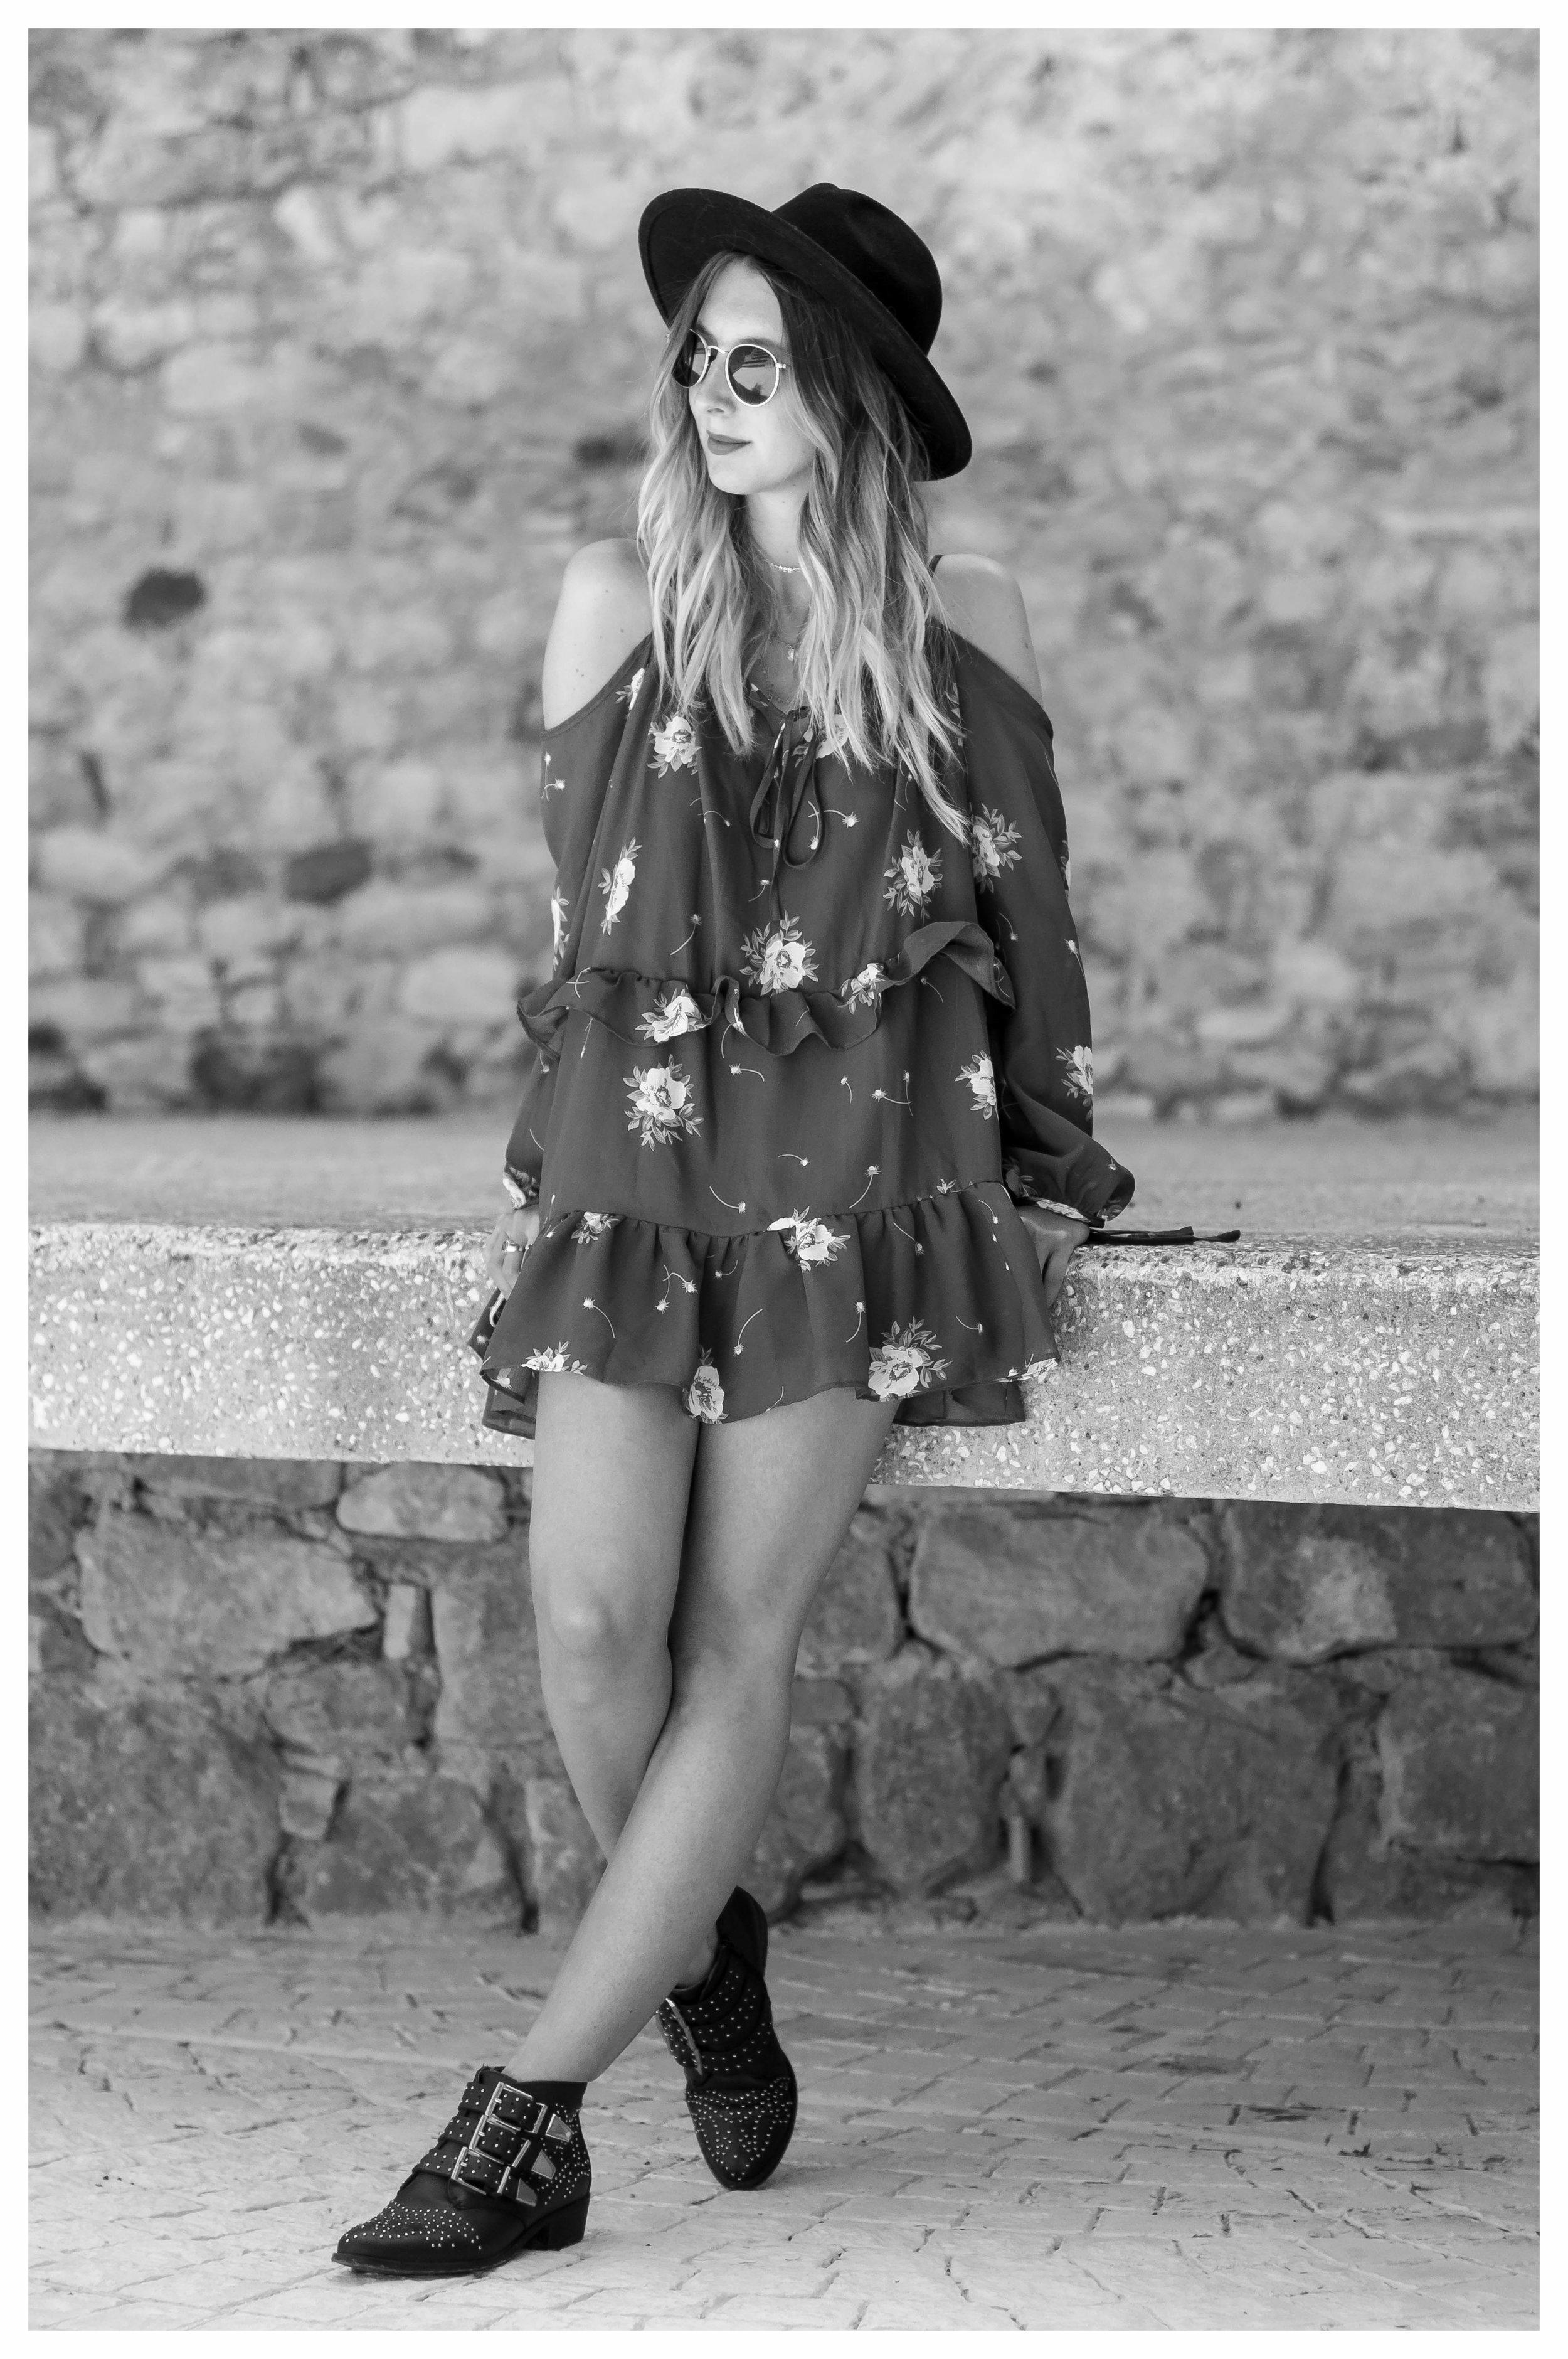 Cornillon Dress June - OSIARAH.COM (14 of 14).jpg